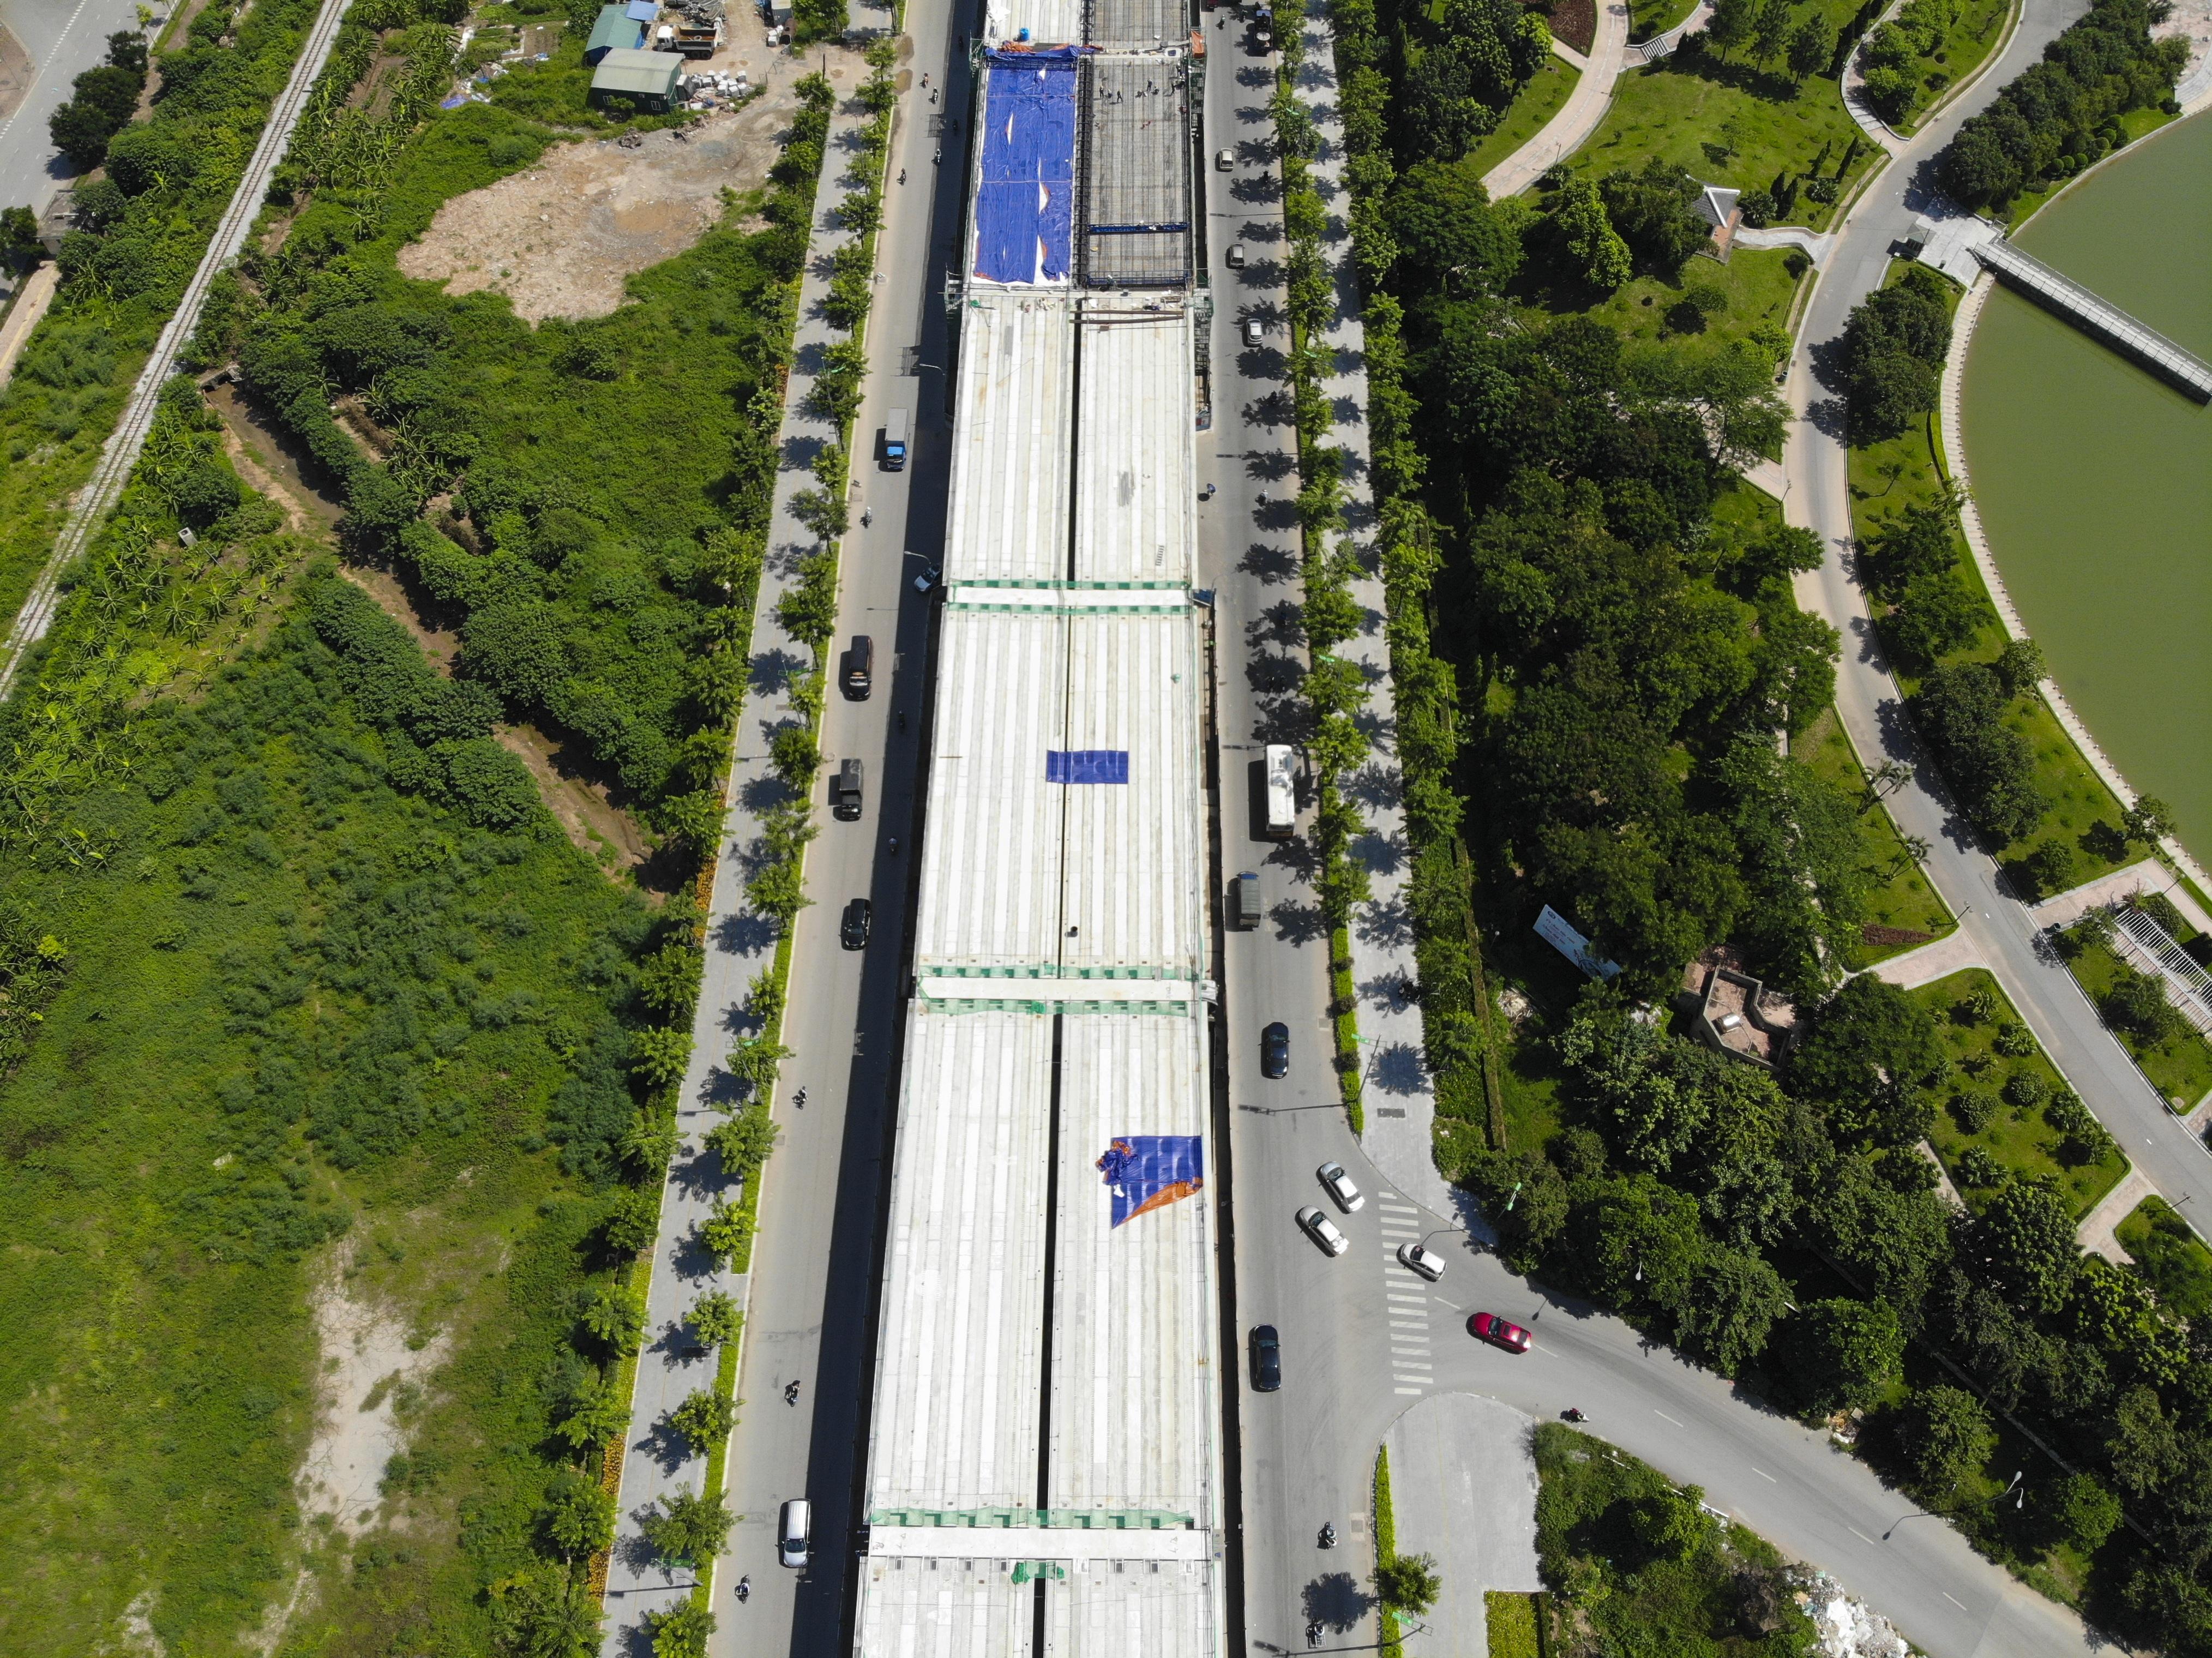 Toàn cảnh đại công trường đường 8.500 tỷ đồng ở cửa ngõ Hà Nội - 7